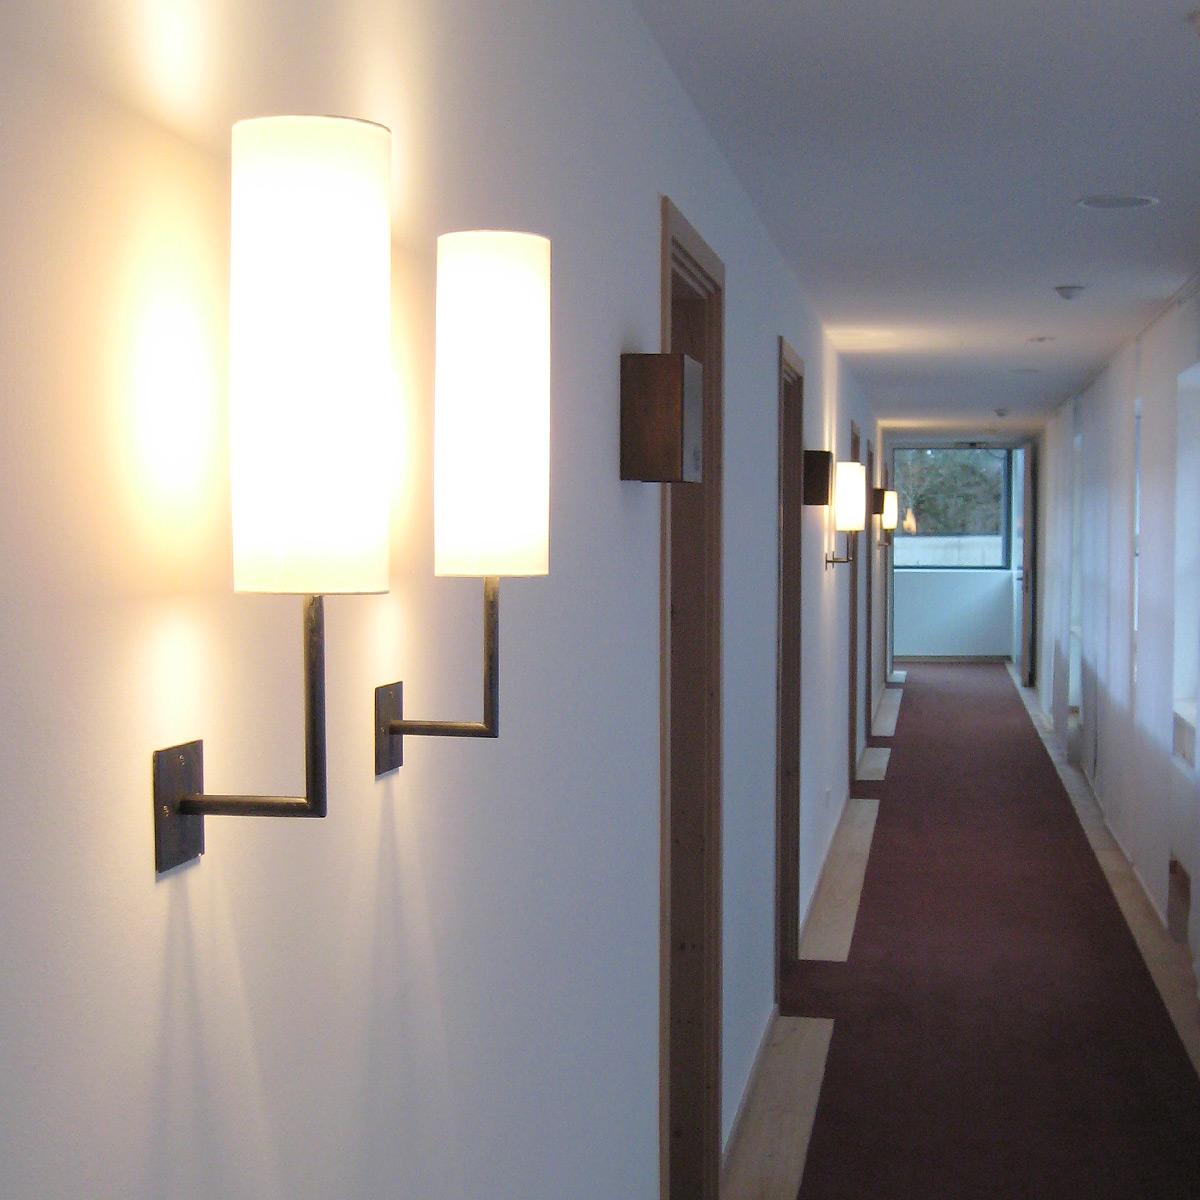 stimmungsvolle wandbeleuchtung wandfluter aus messing. Black Bedroom Furniture Sets. Home Design Ideas